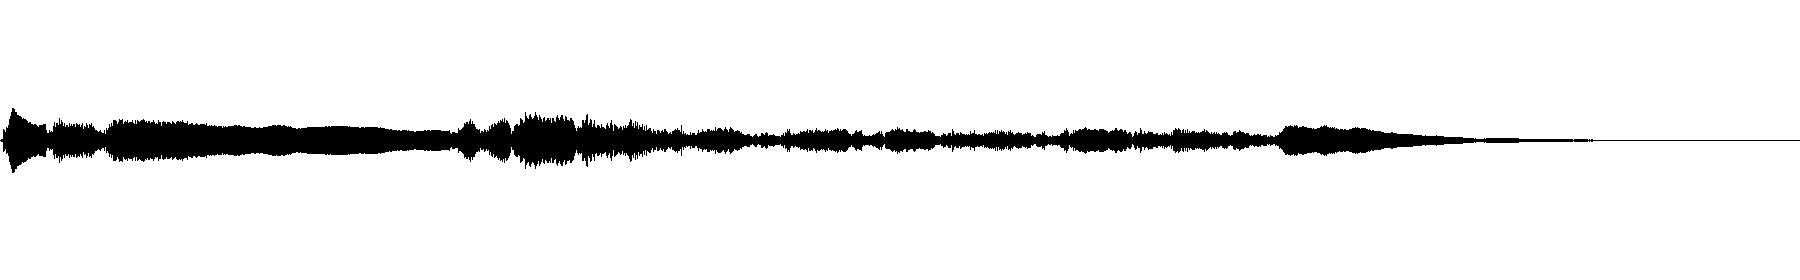 ambient flugel horn c maj 03